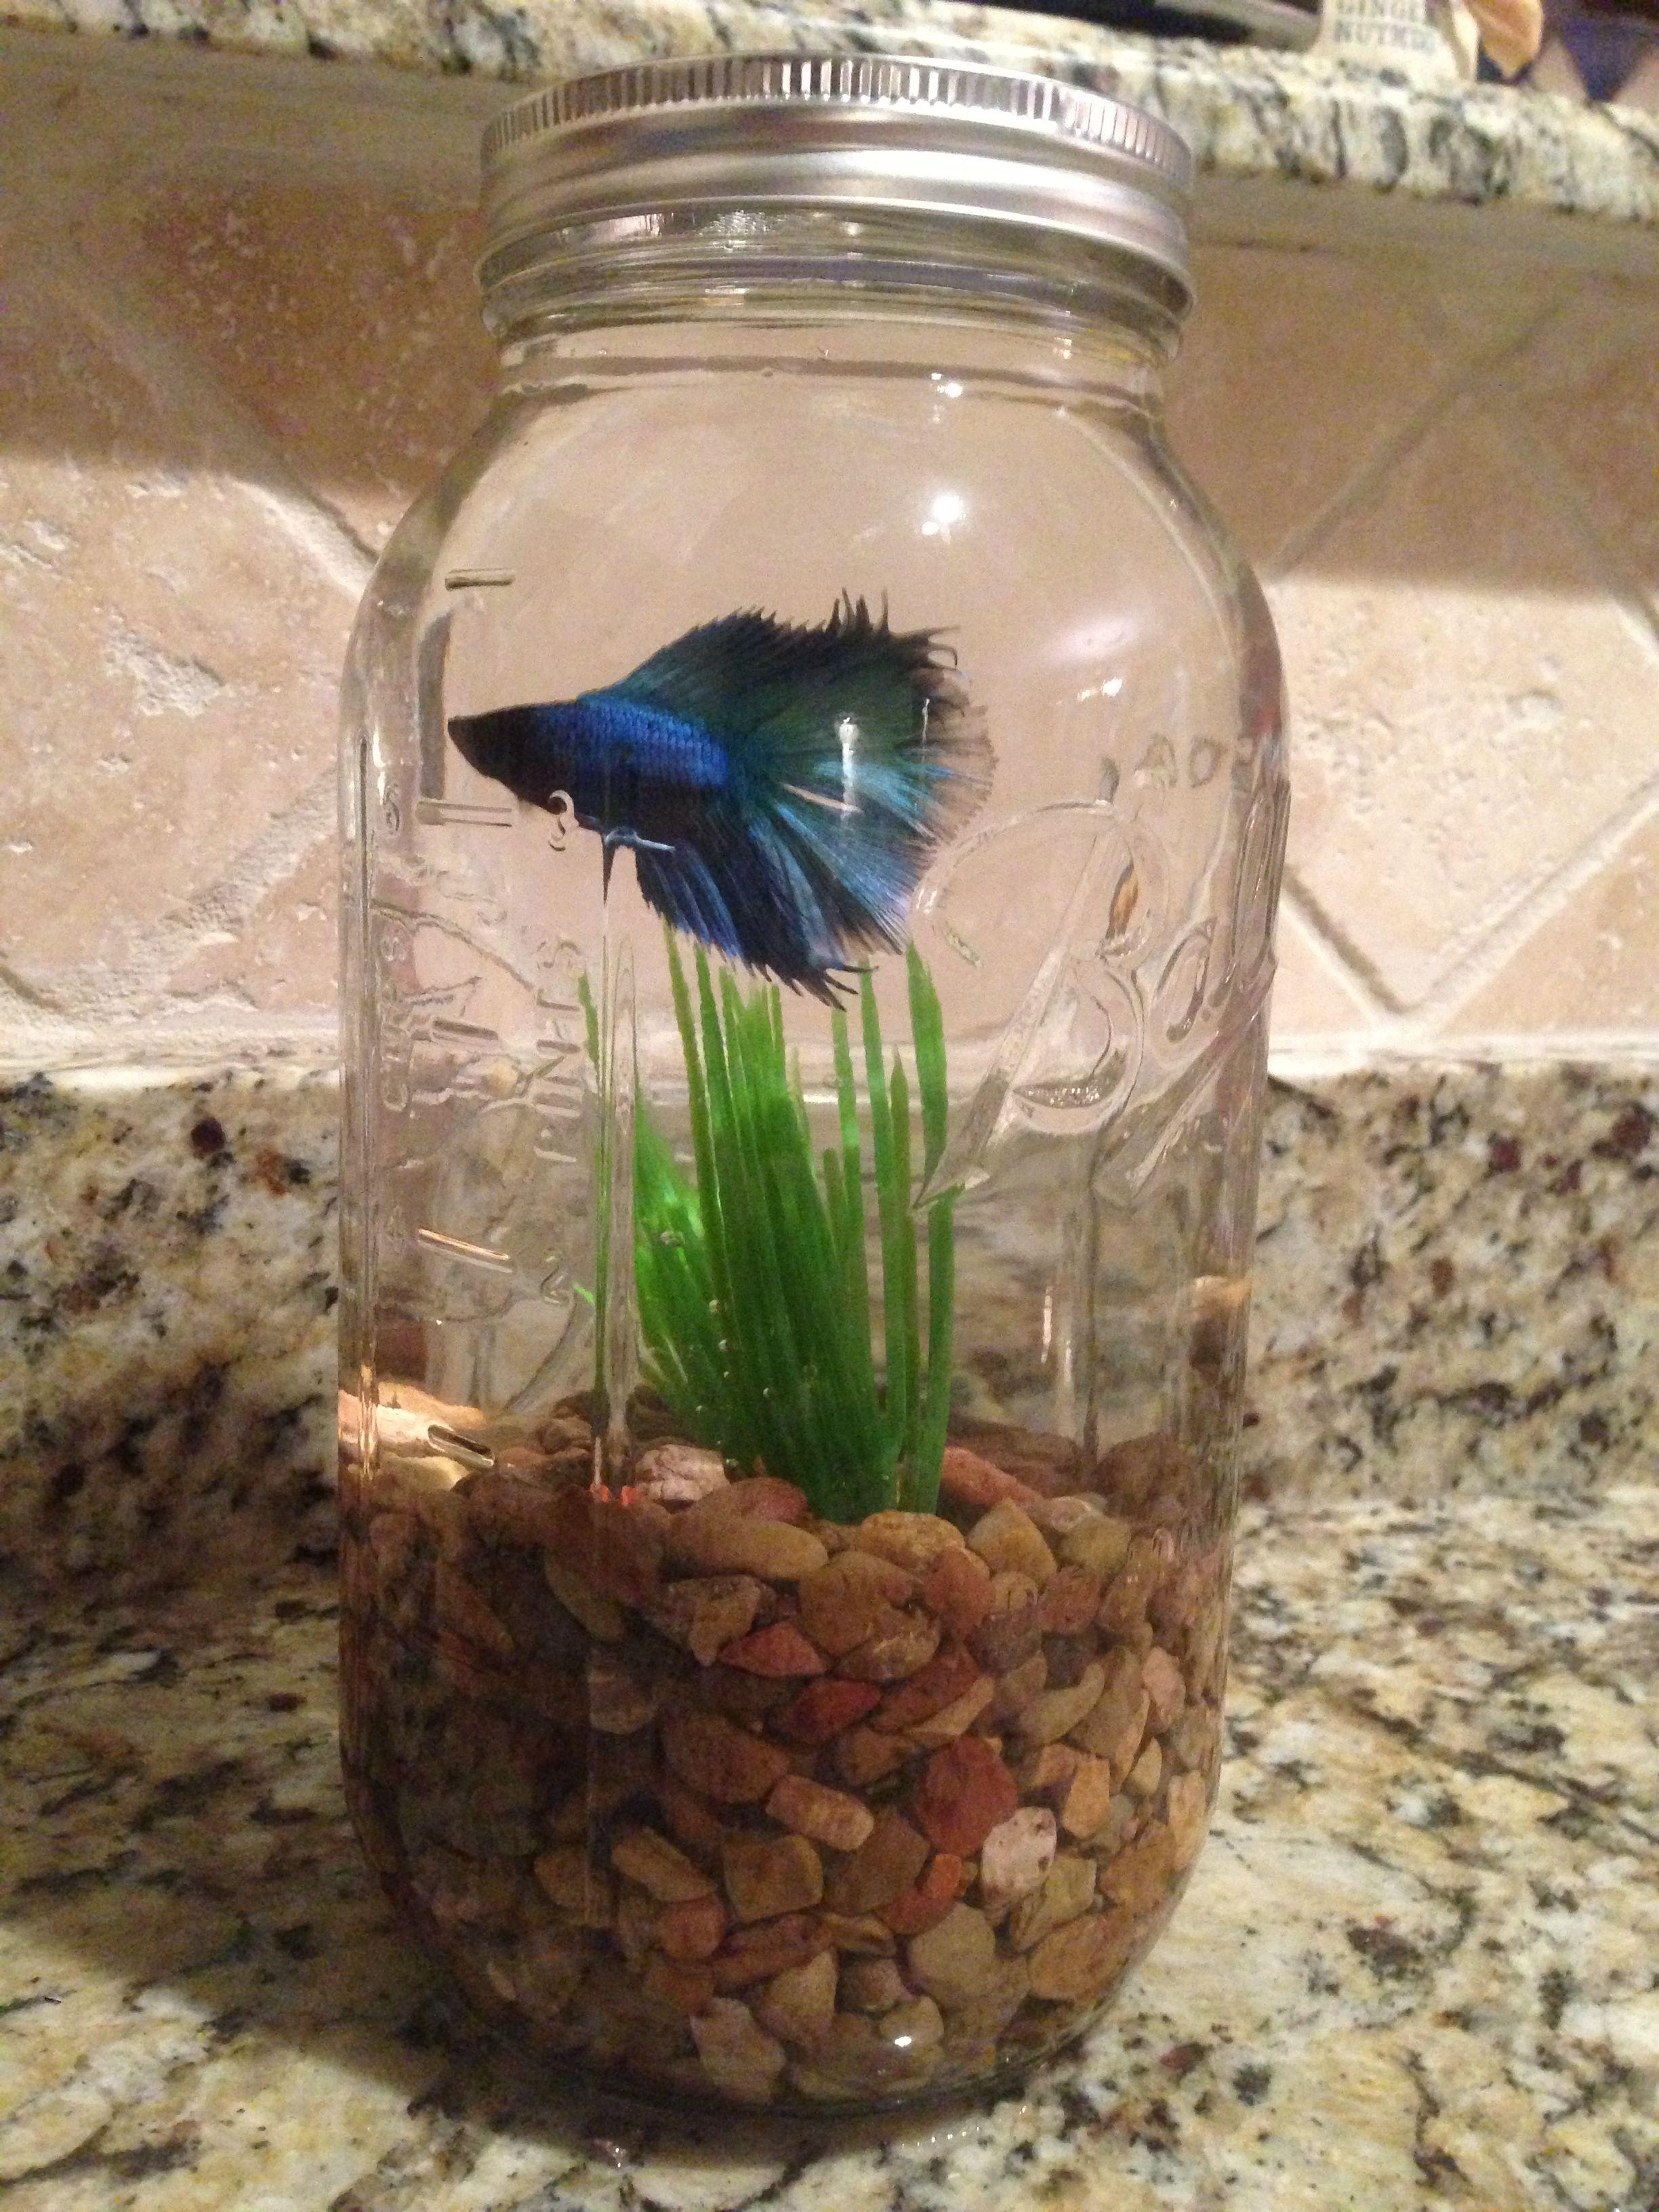 Betta fish in a mason jar I used a half gallon jar but a quart